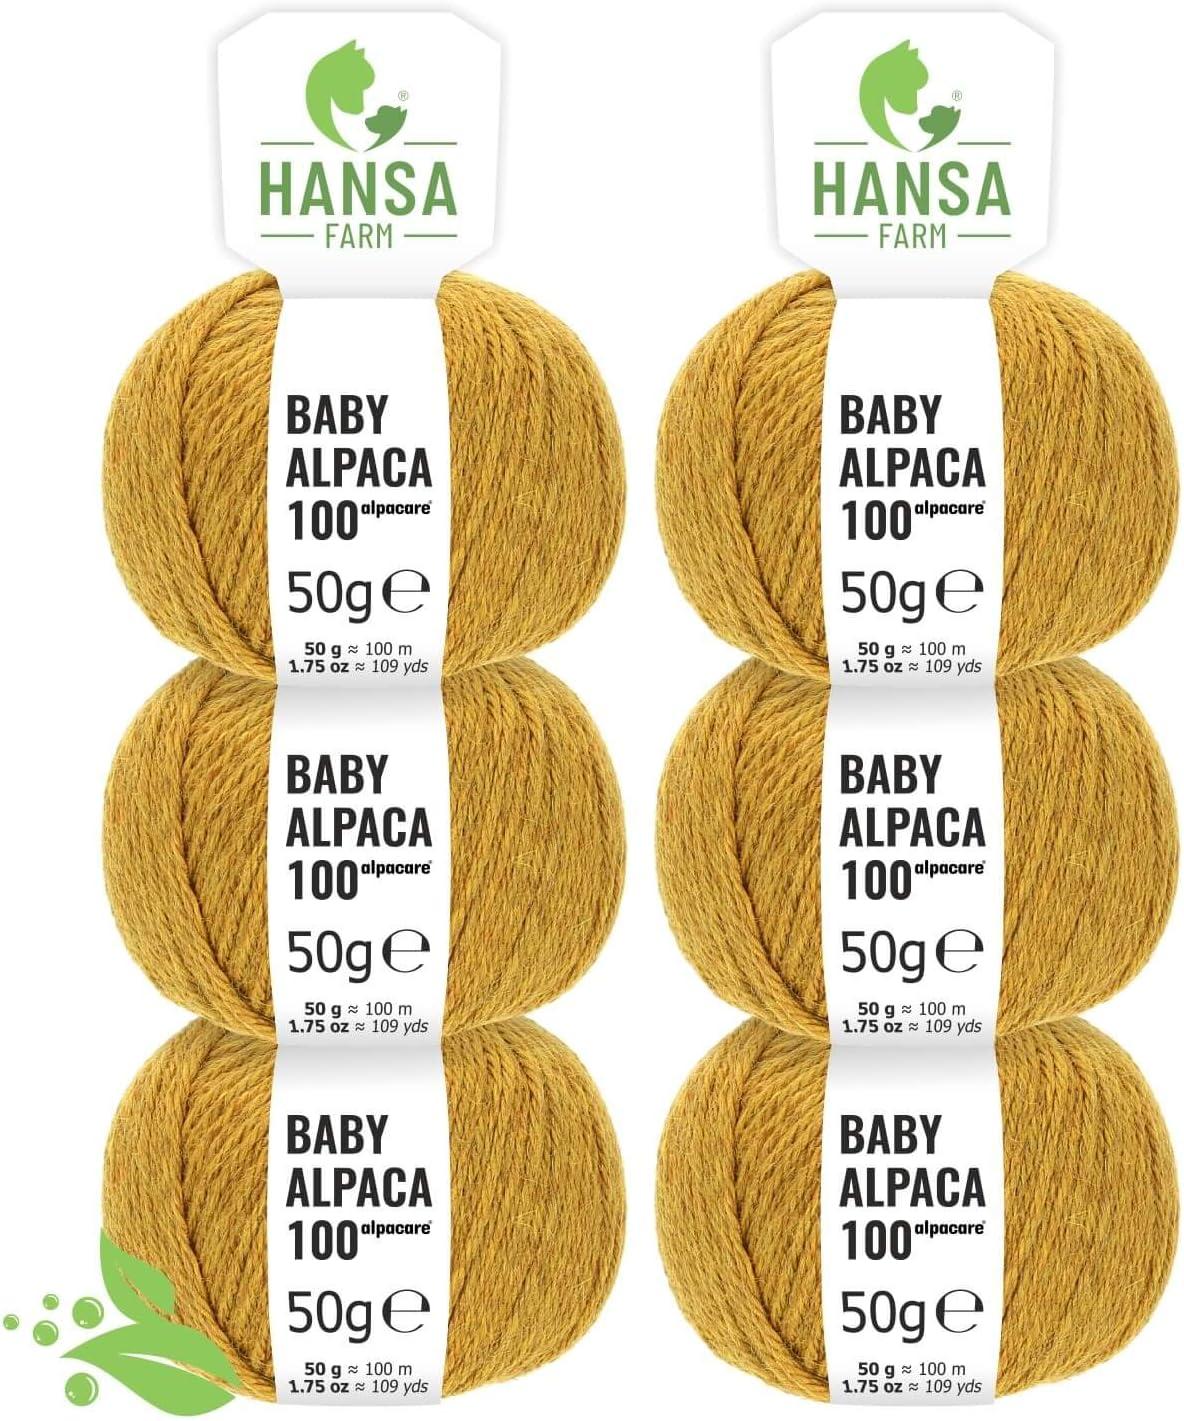 Alpacare Baby - Ovillo de lana de alpaca (100% lavable, 300 unidades, 6 x 50 g), lavable a máquina, 100% lavable, lana de alpaca sin arañazos, para punto y ganchillo, color amarillo mostaza